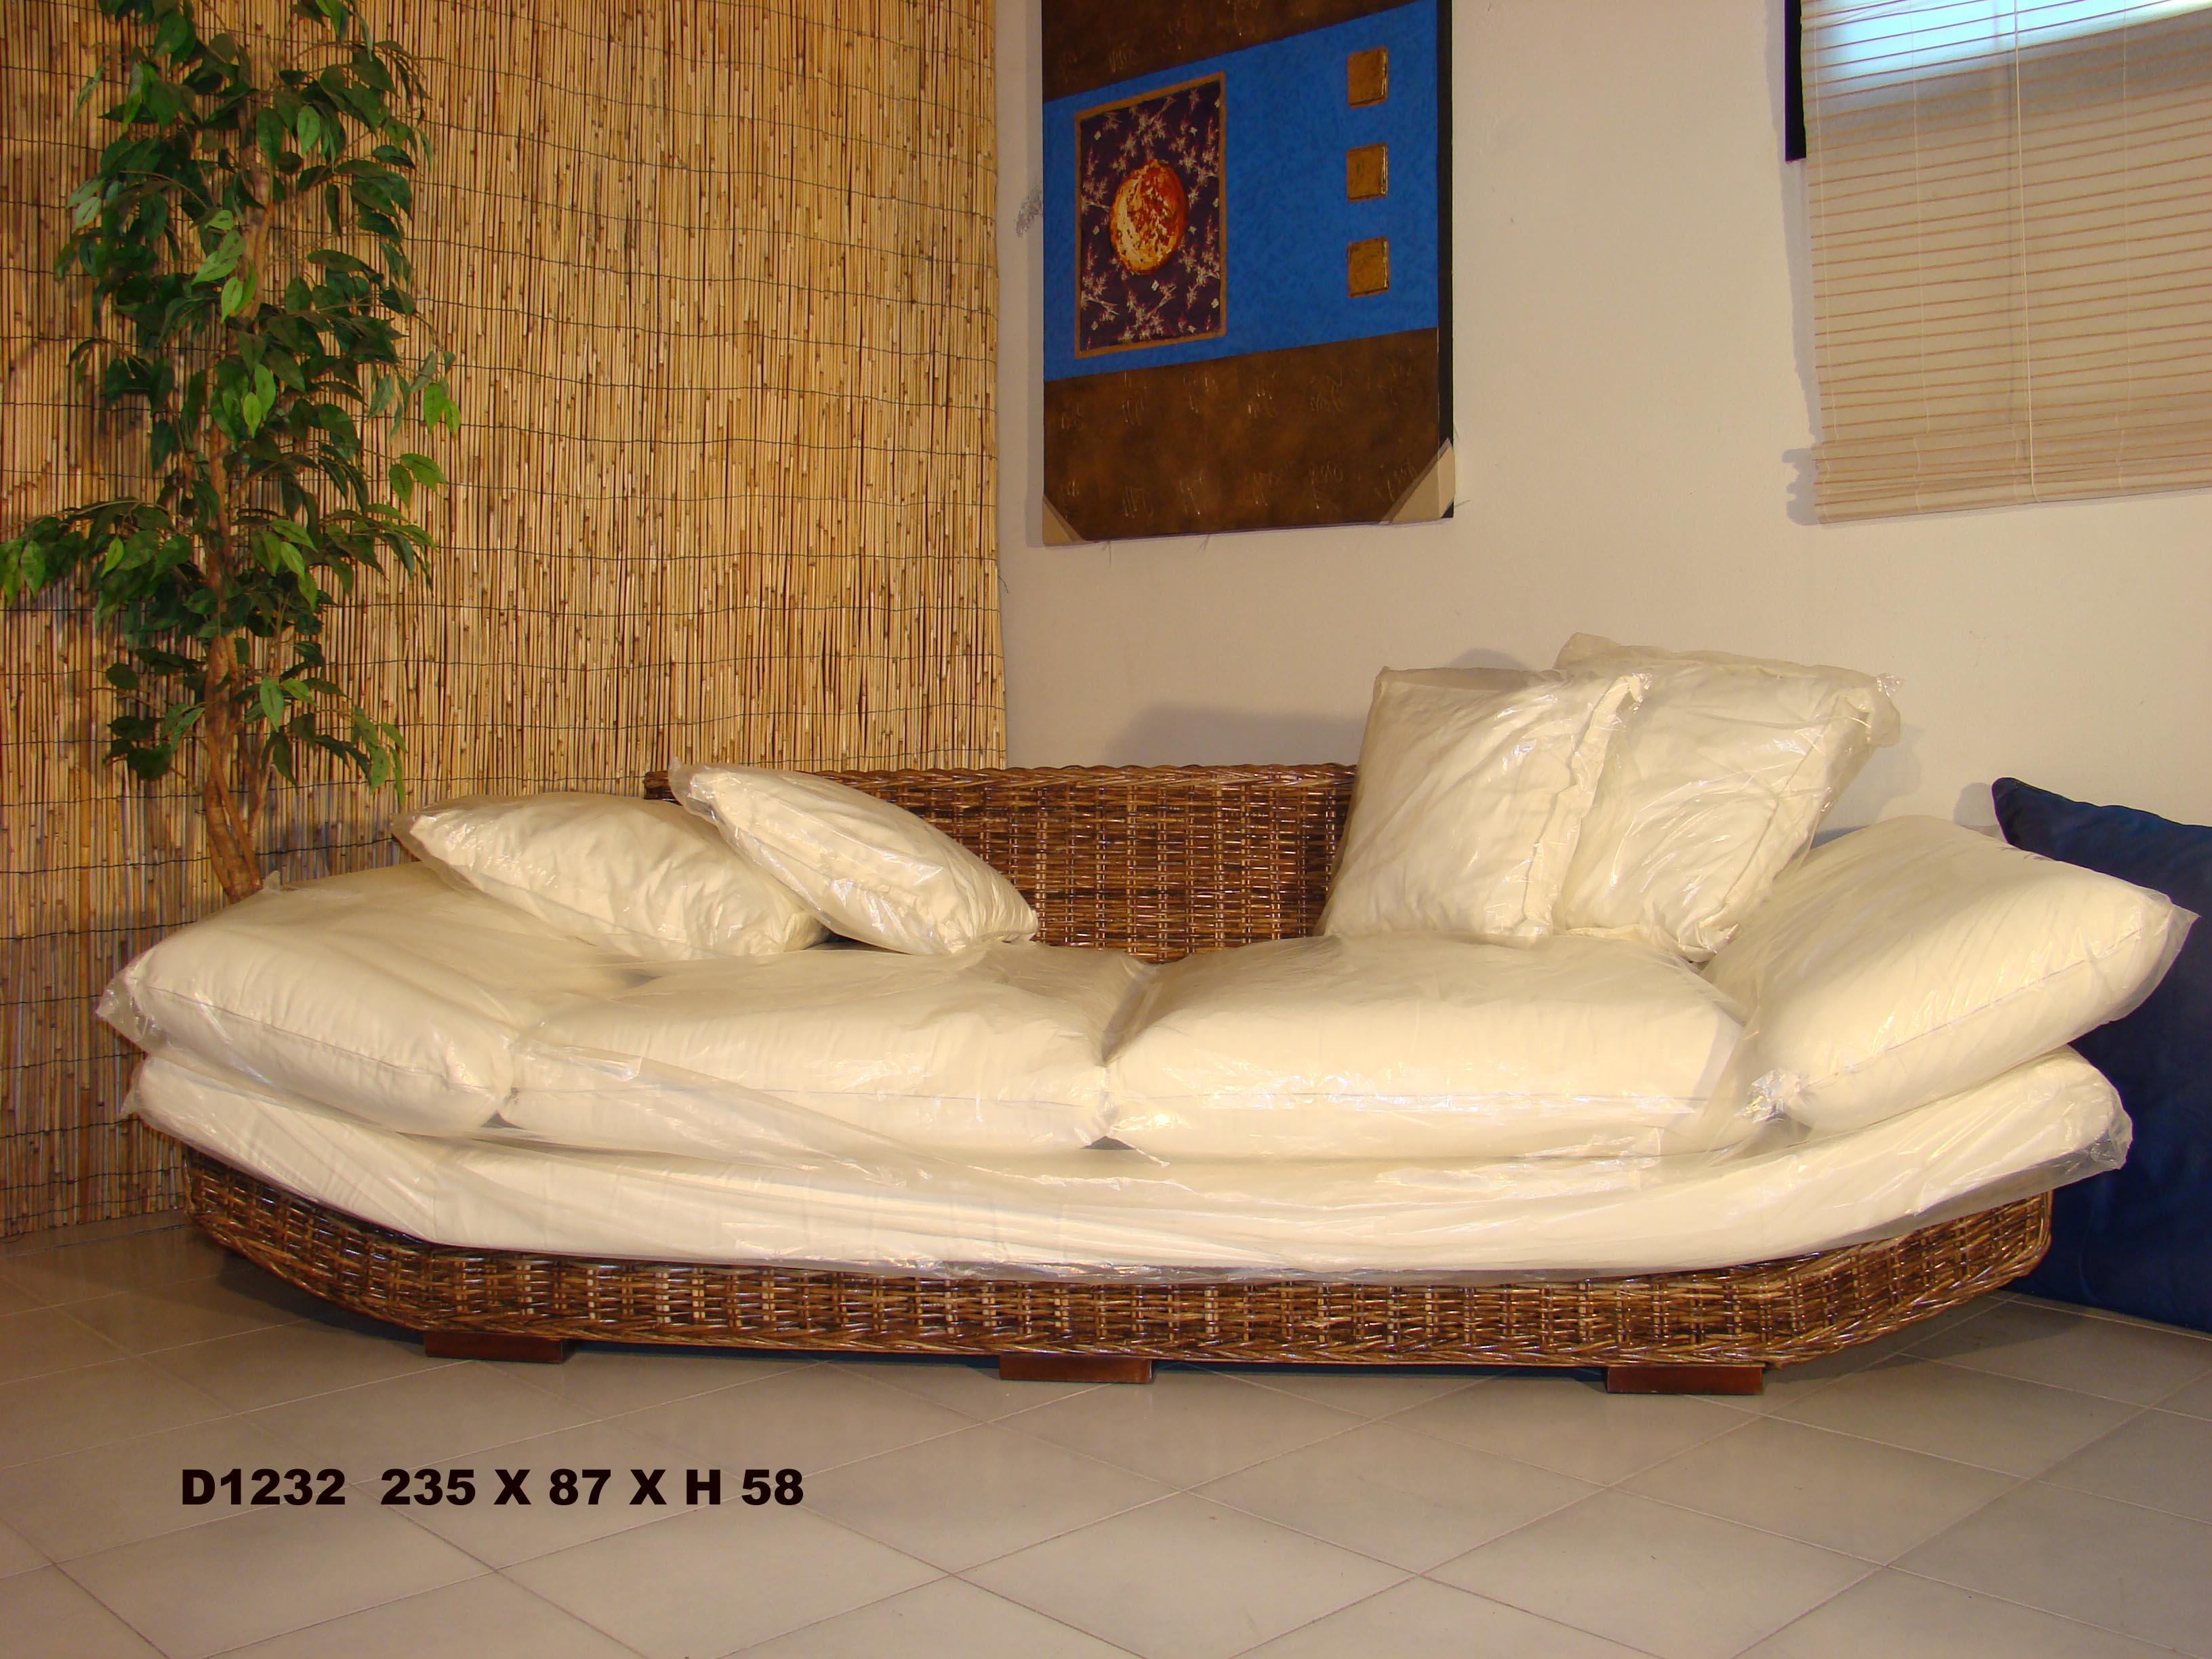 Dal pozzo dal pozzo andrea arredamento divani rattan giunco banano vimini dal pozzo shop on - Divano in vimini ...